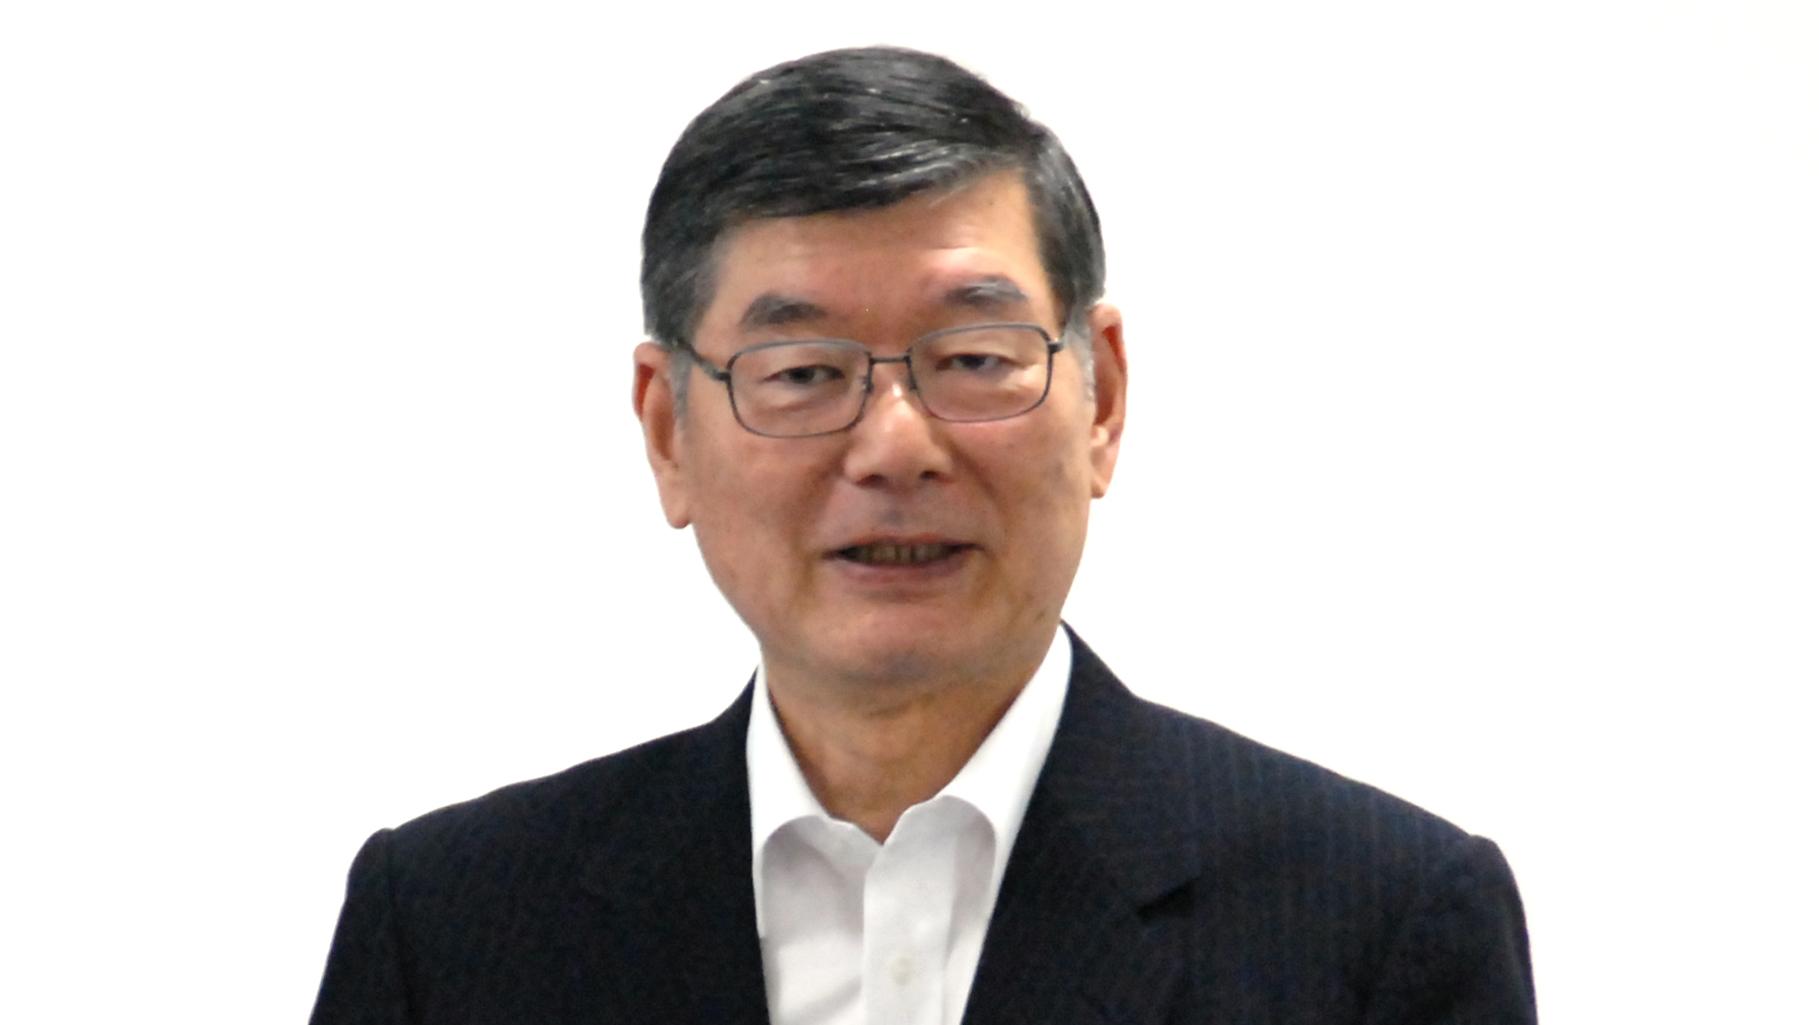 大学教育改革のトレンドと日本が目指すべき21世紀の学士課程教育像